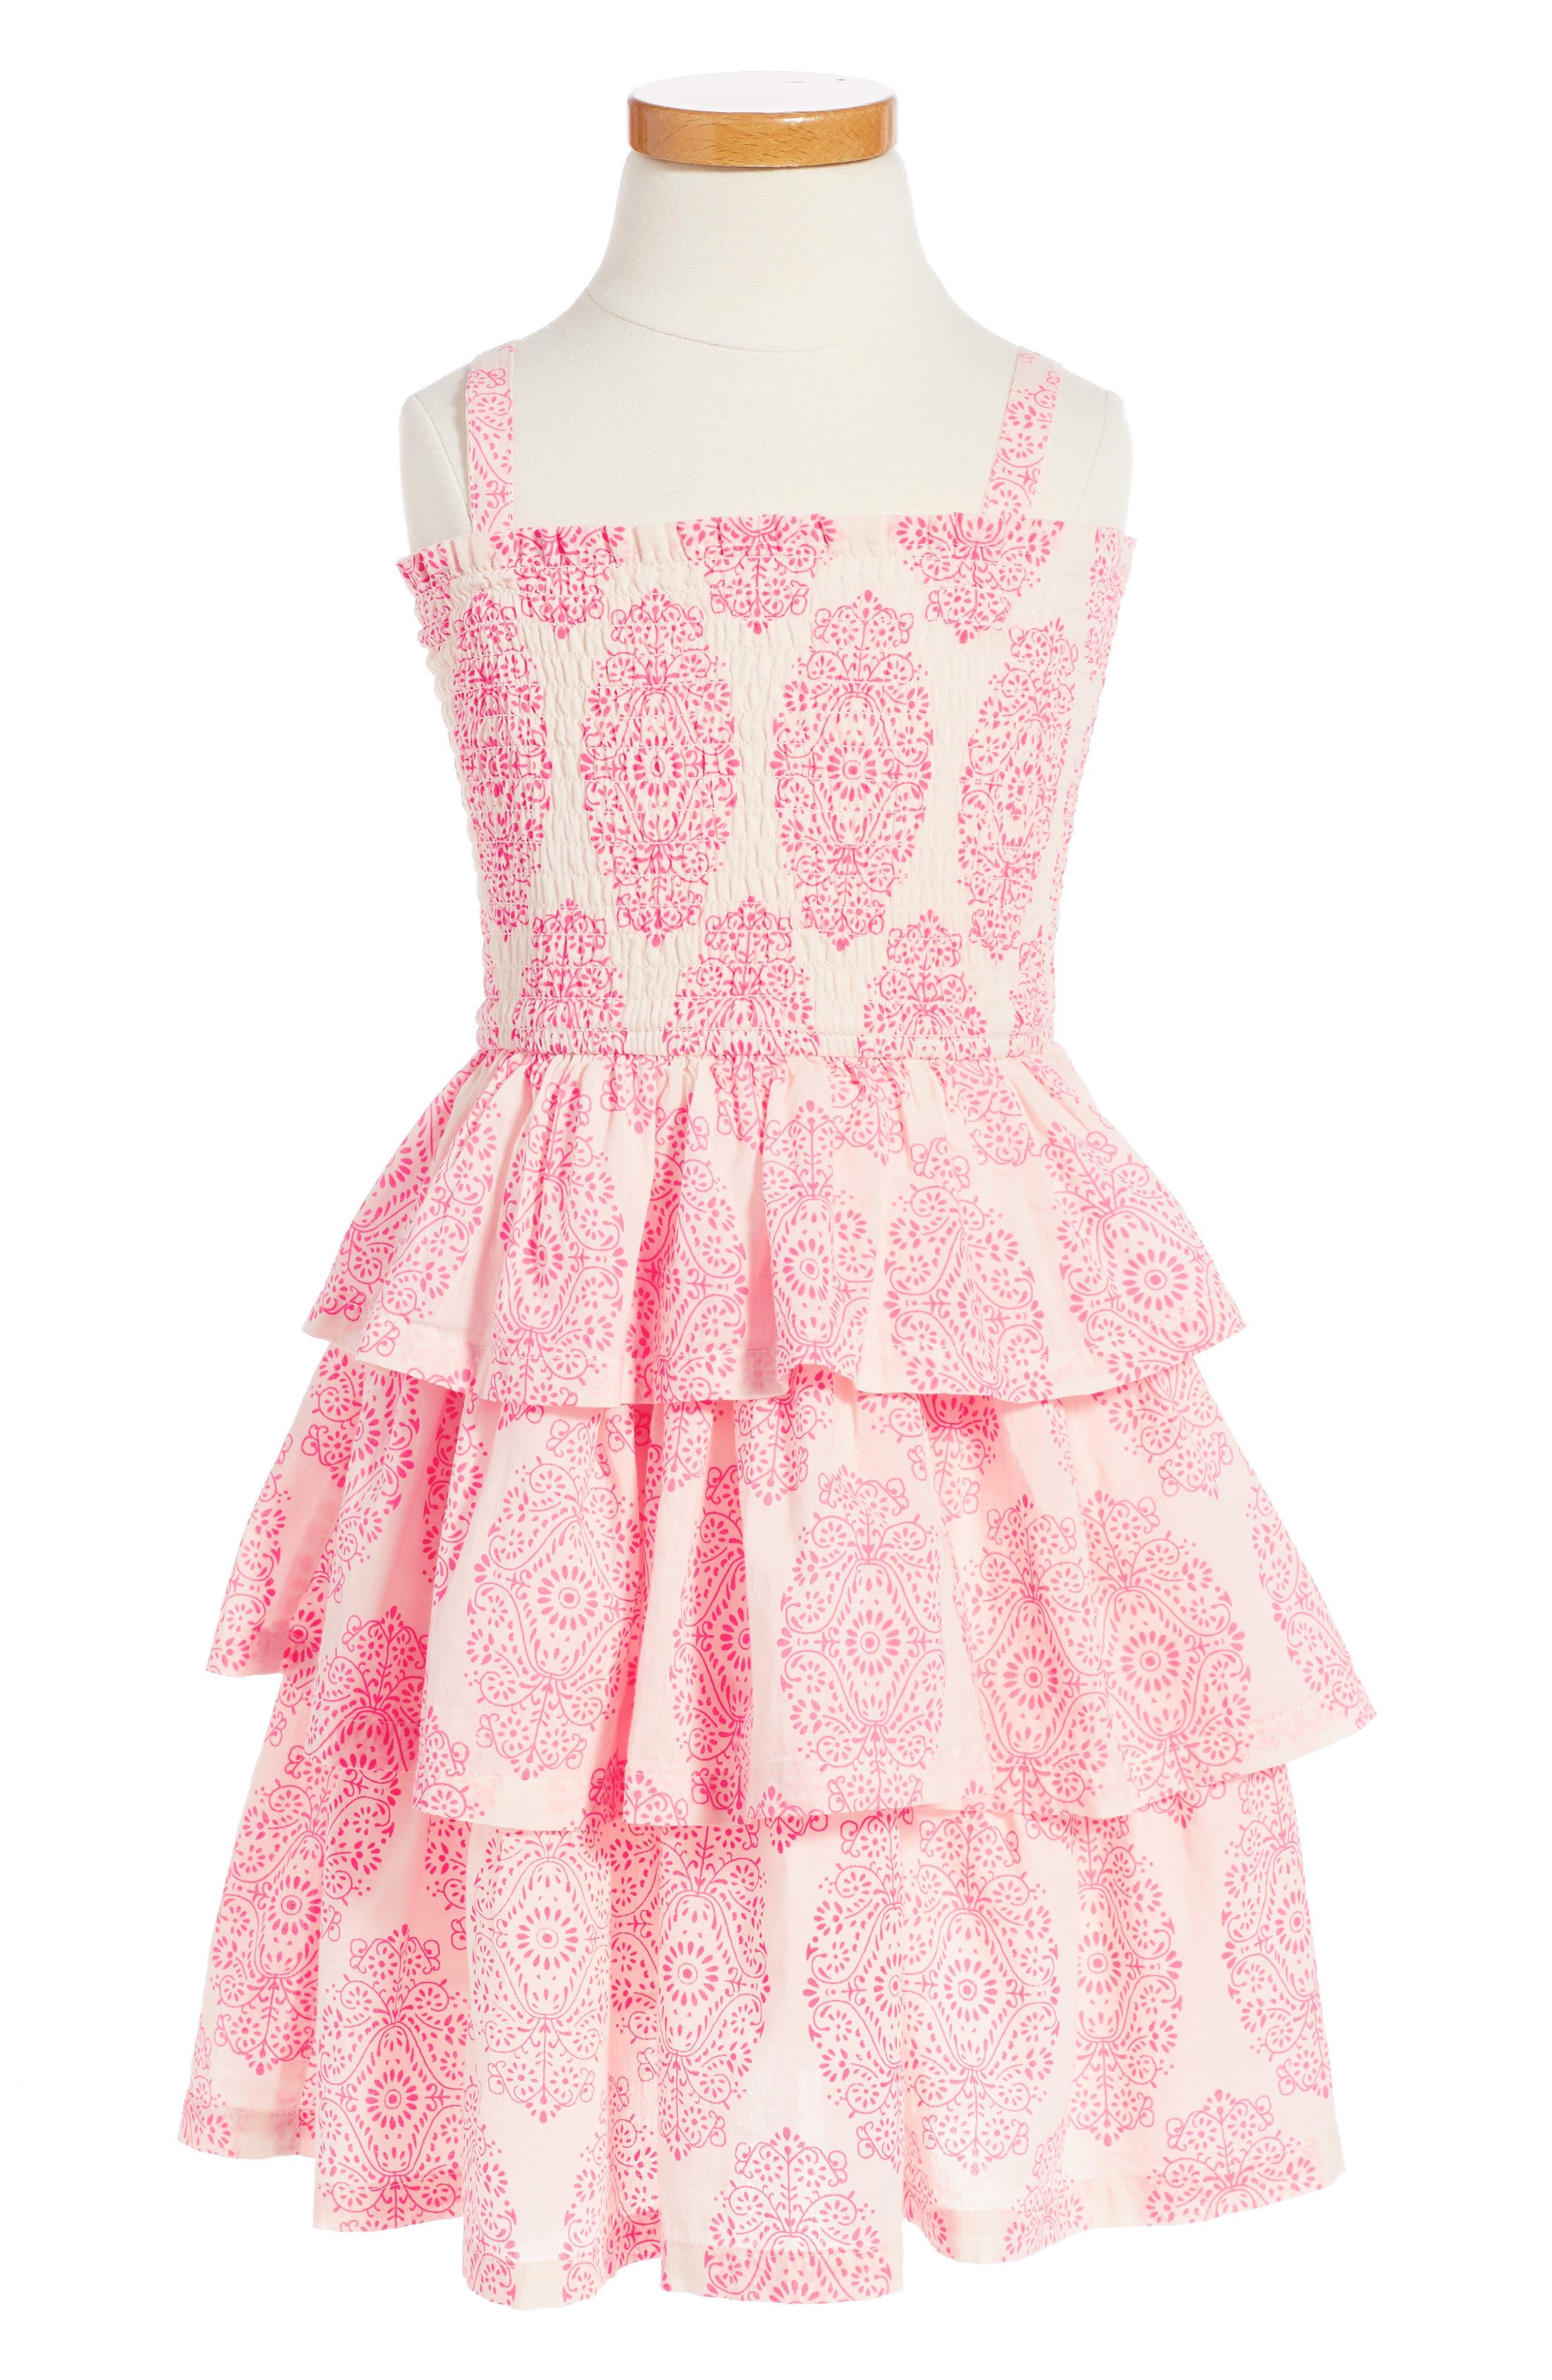 Main Image - Peek Sadie Print Smocked Sundress (Toddler Girls, Little Girls & Big Girls)